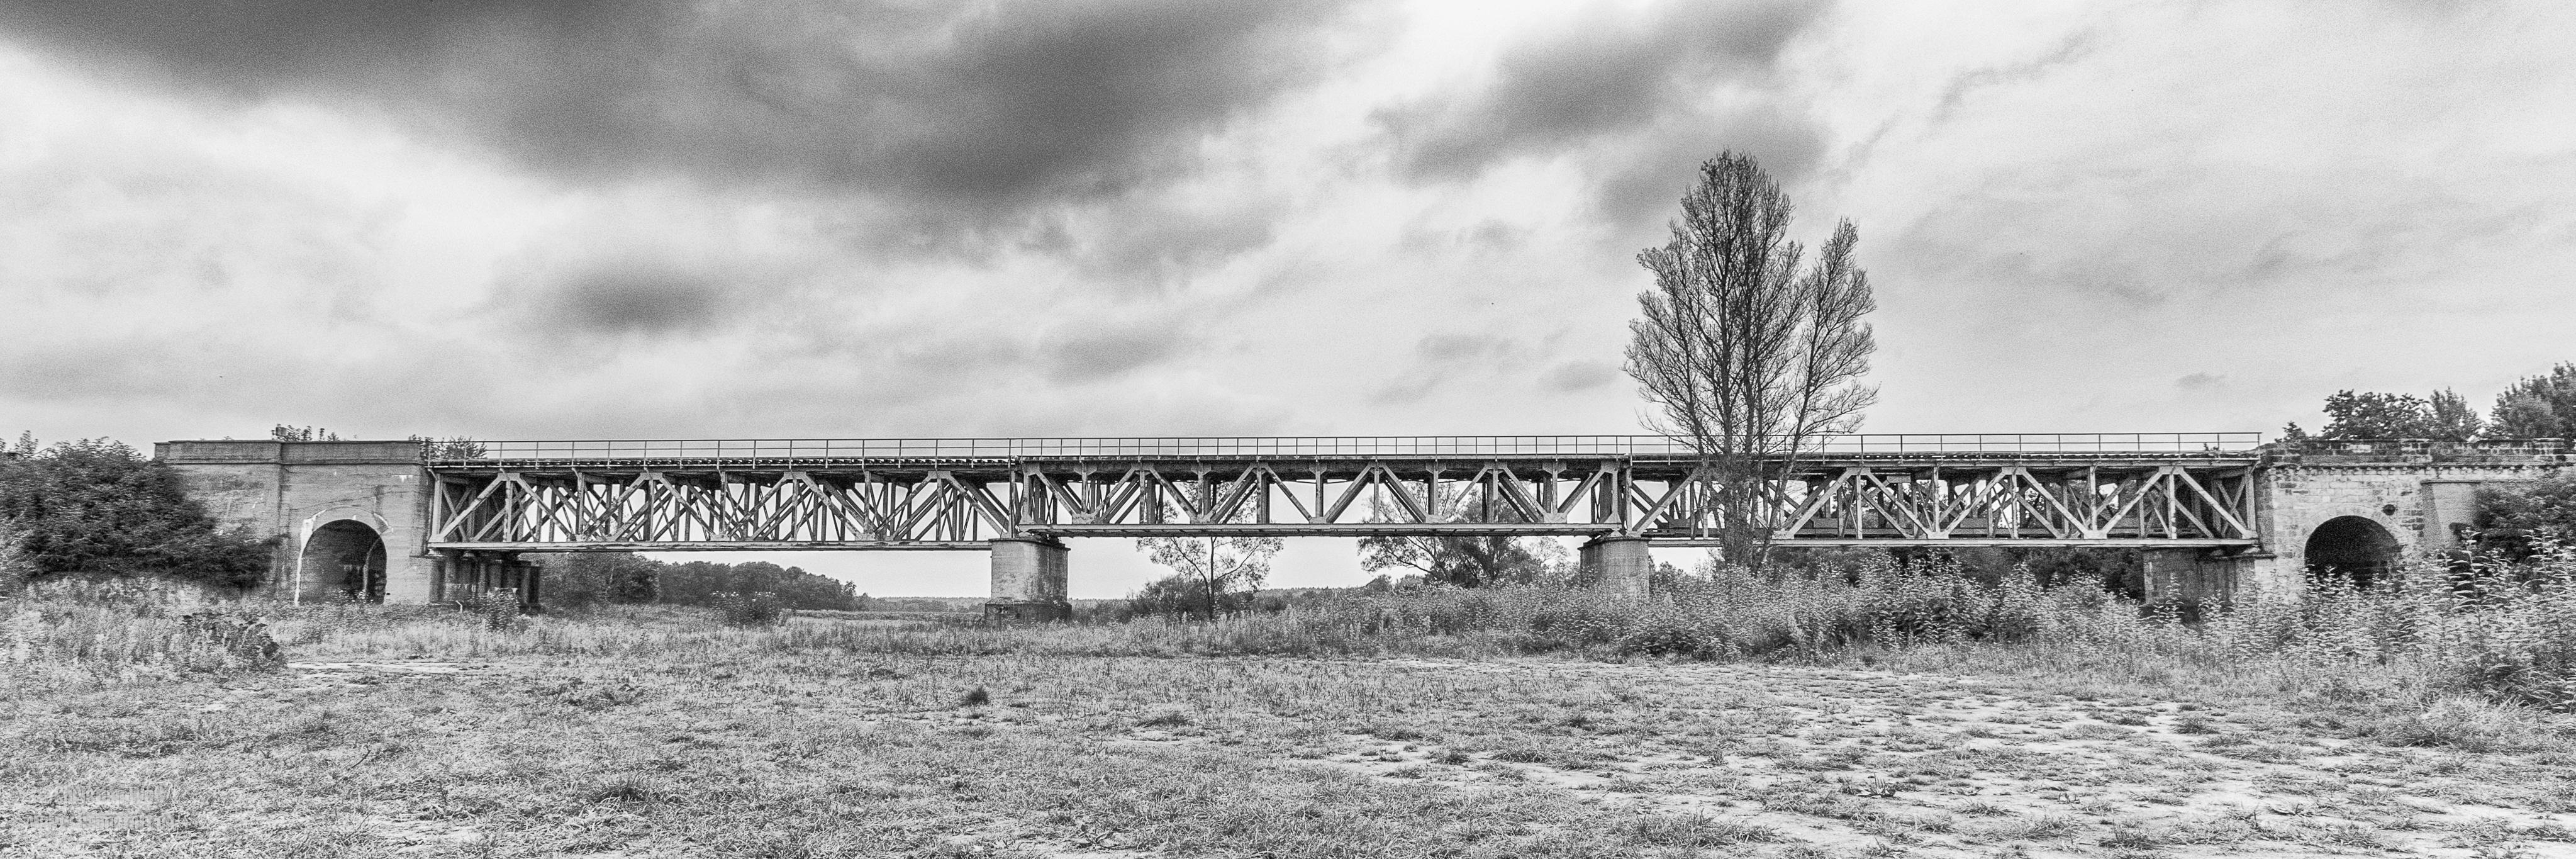 Eisenbahnbrücke Zentendorf.